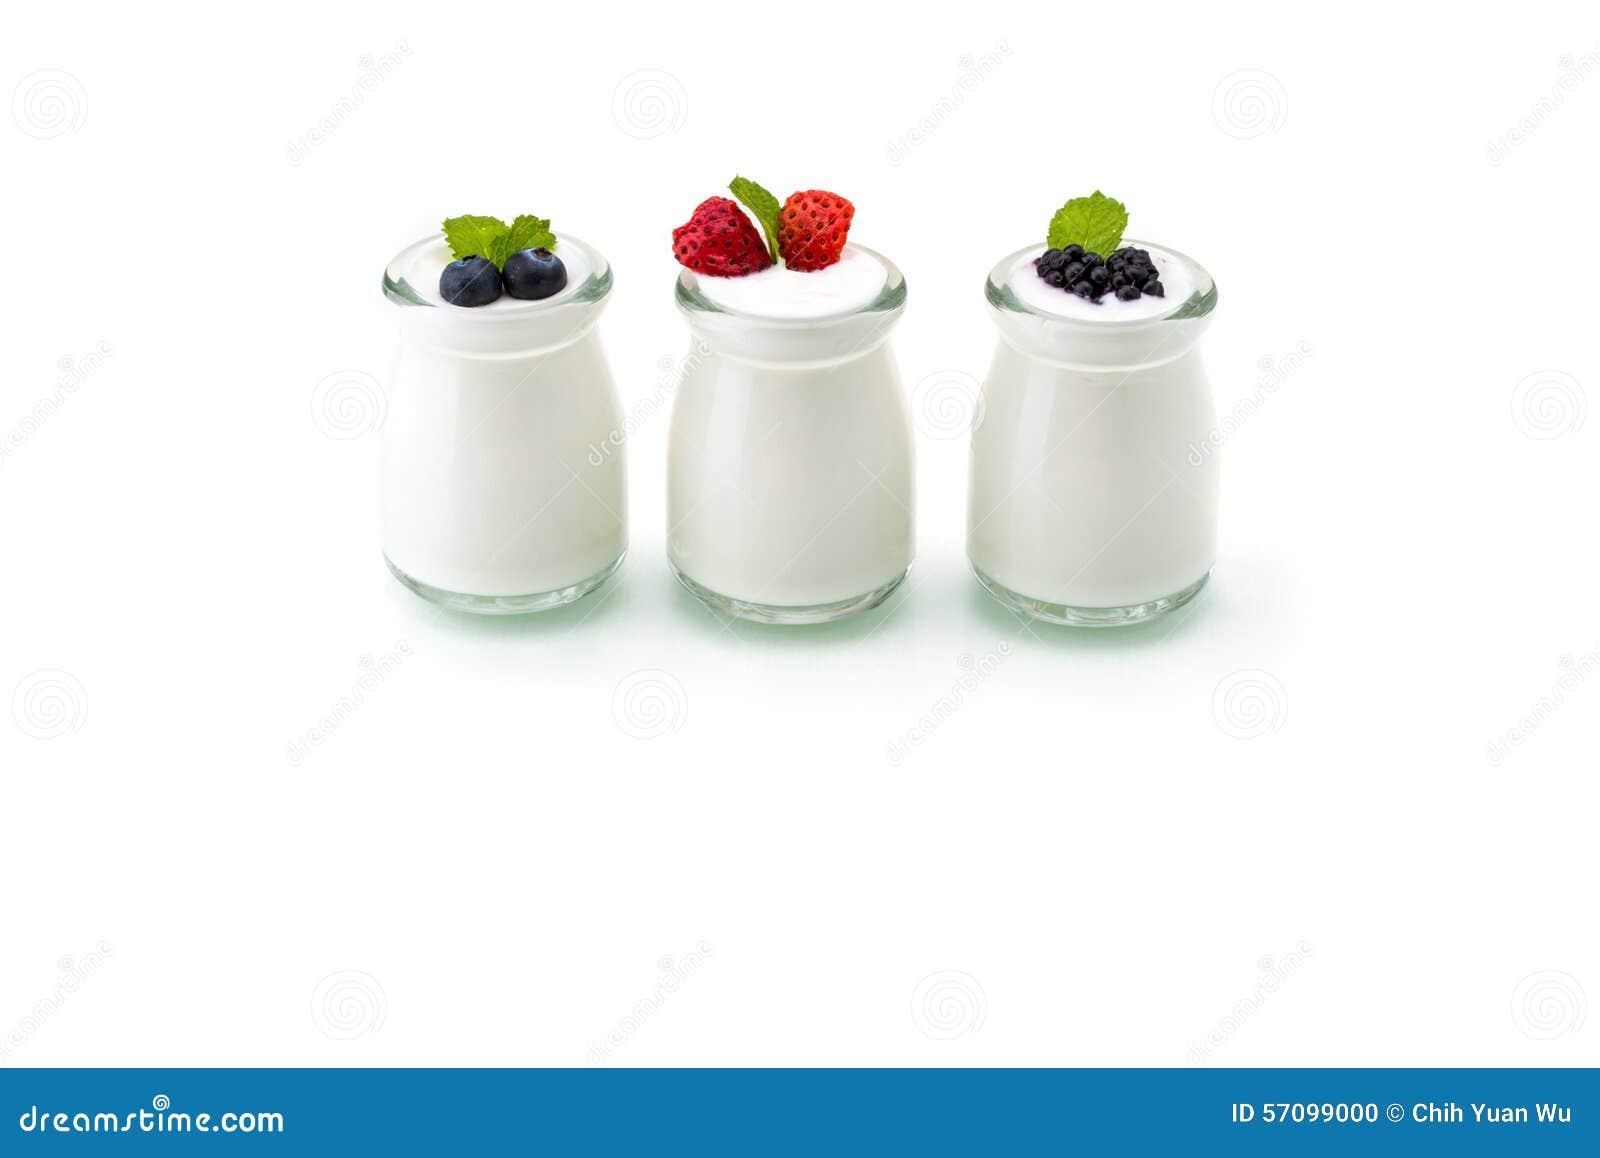 Zdrowy śniadanie z jogurtem i jagodą dieting, świeżość, minuta